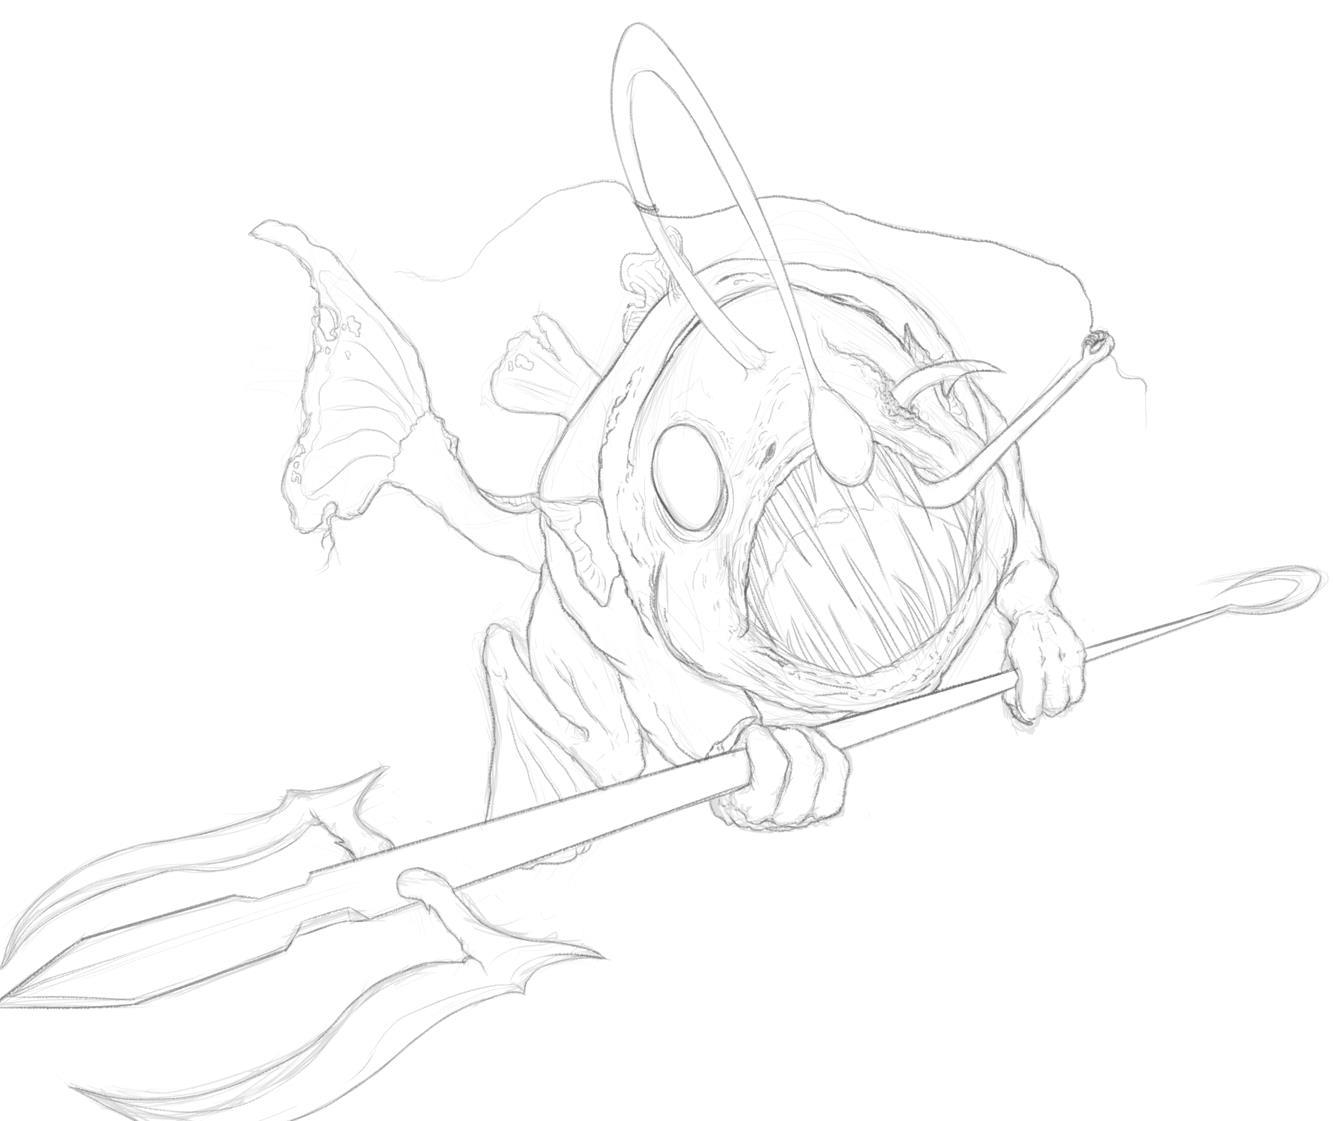 Deep merman sketch